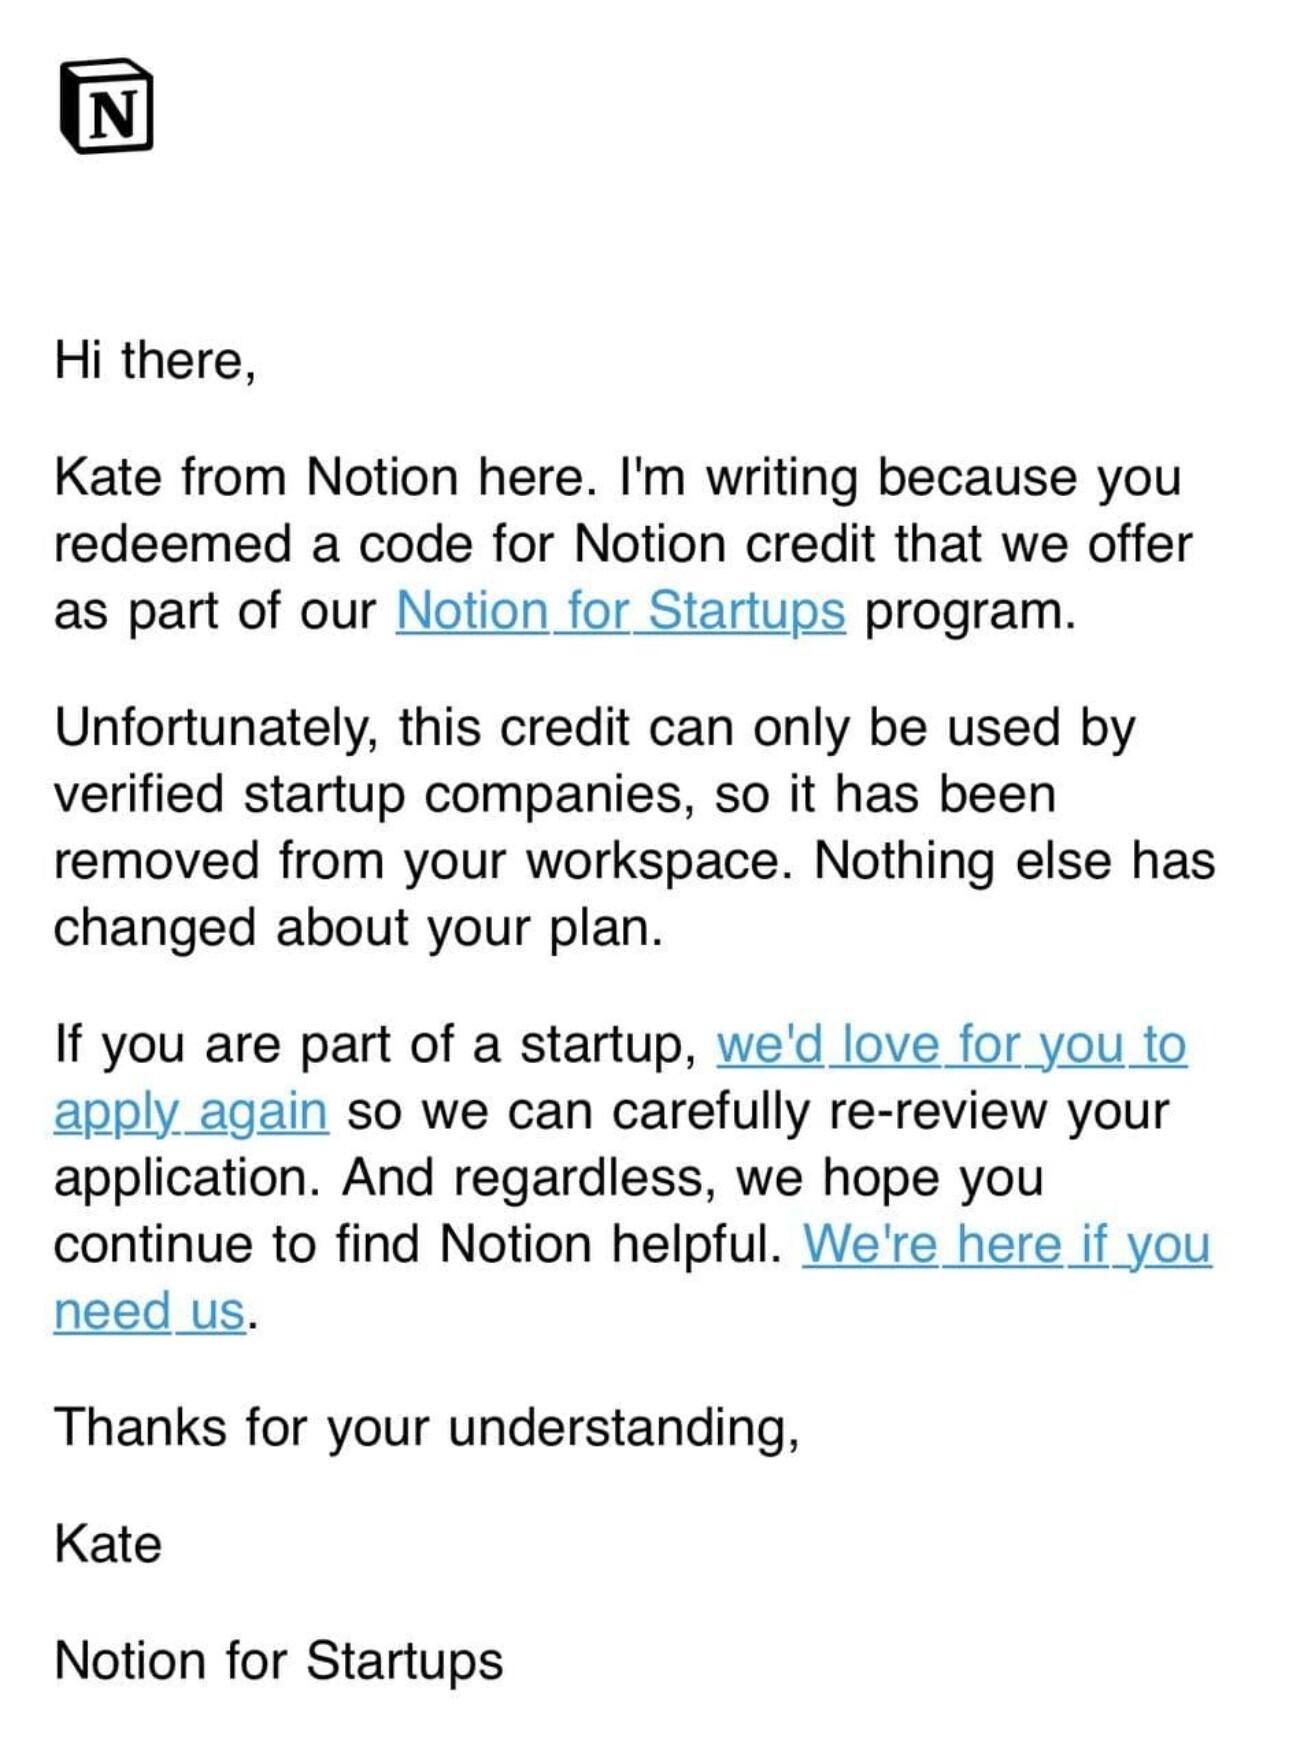 Notion раздала промокоды для стартапов на $1500, которые действовали для всех — а через три дня обнулила счета